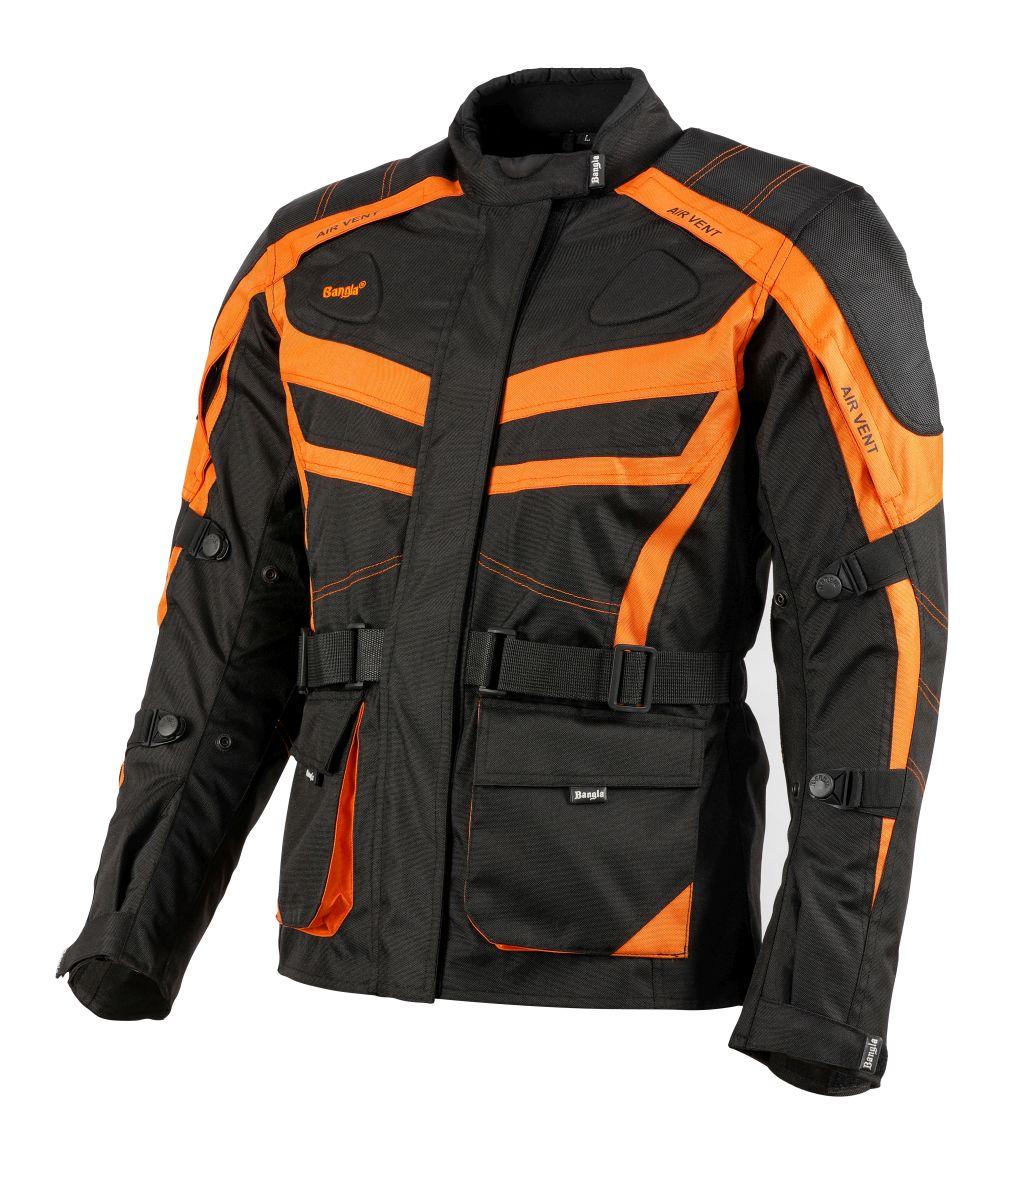 Bangla Damen Motorrad Textil Jacke Cordura Schwarz orange Motorradjacke S - XXXL